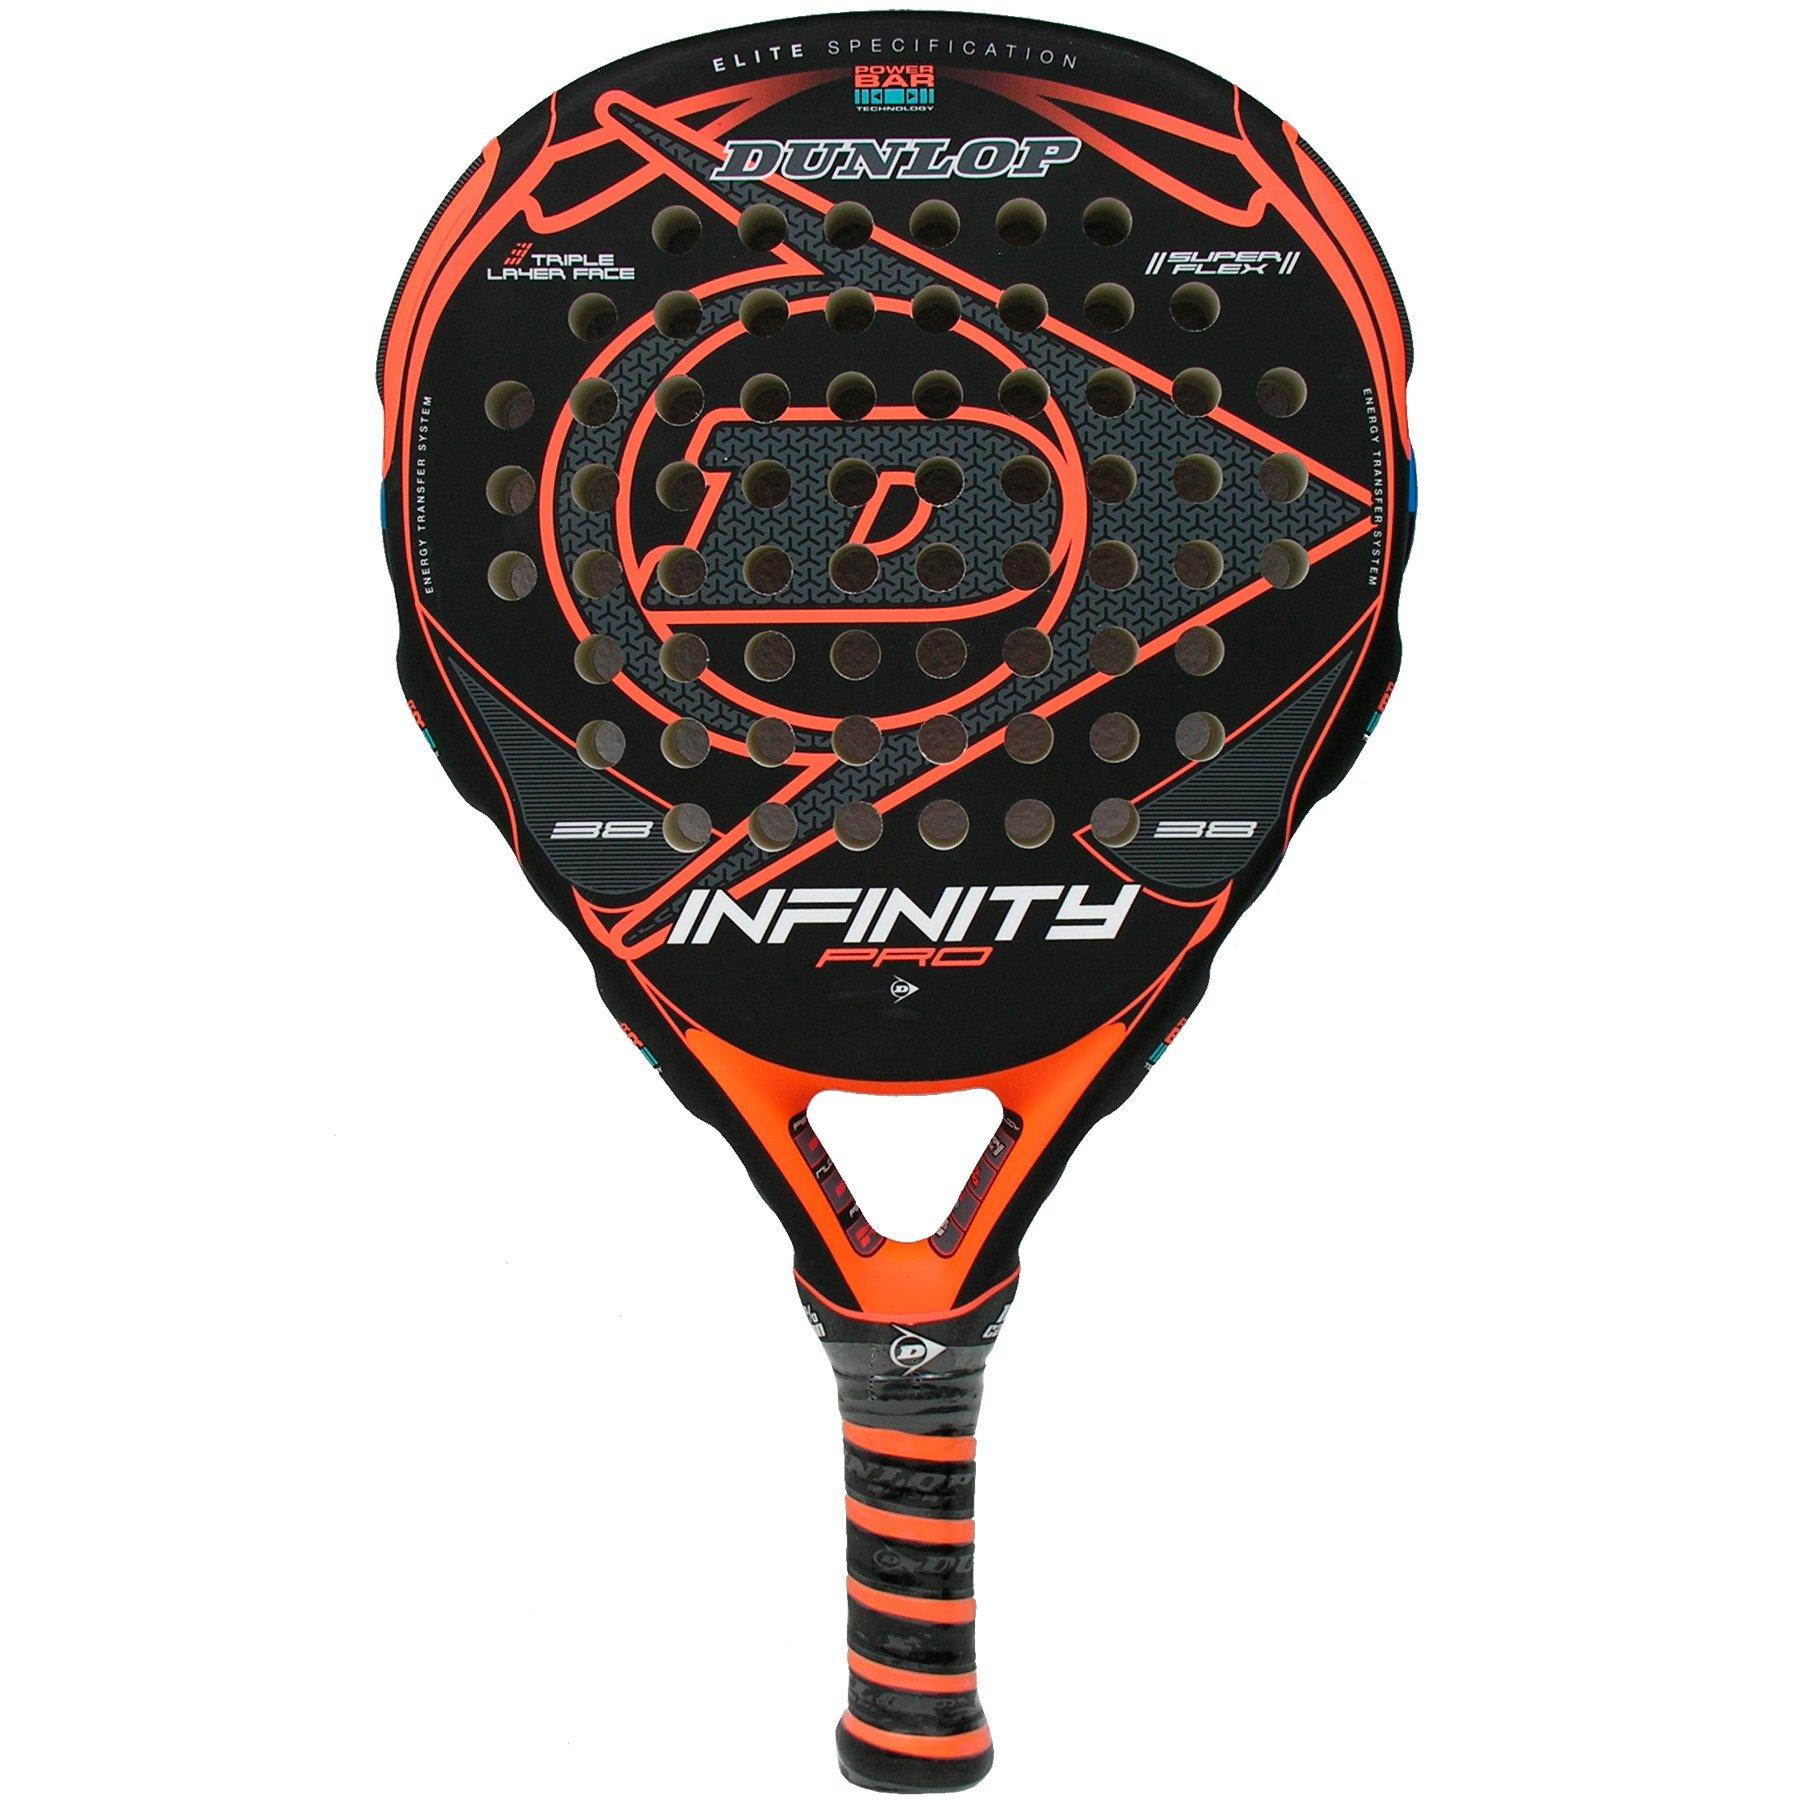 Pala de pádel Dunlop Infinity Pro Orange product image